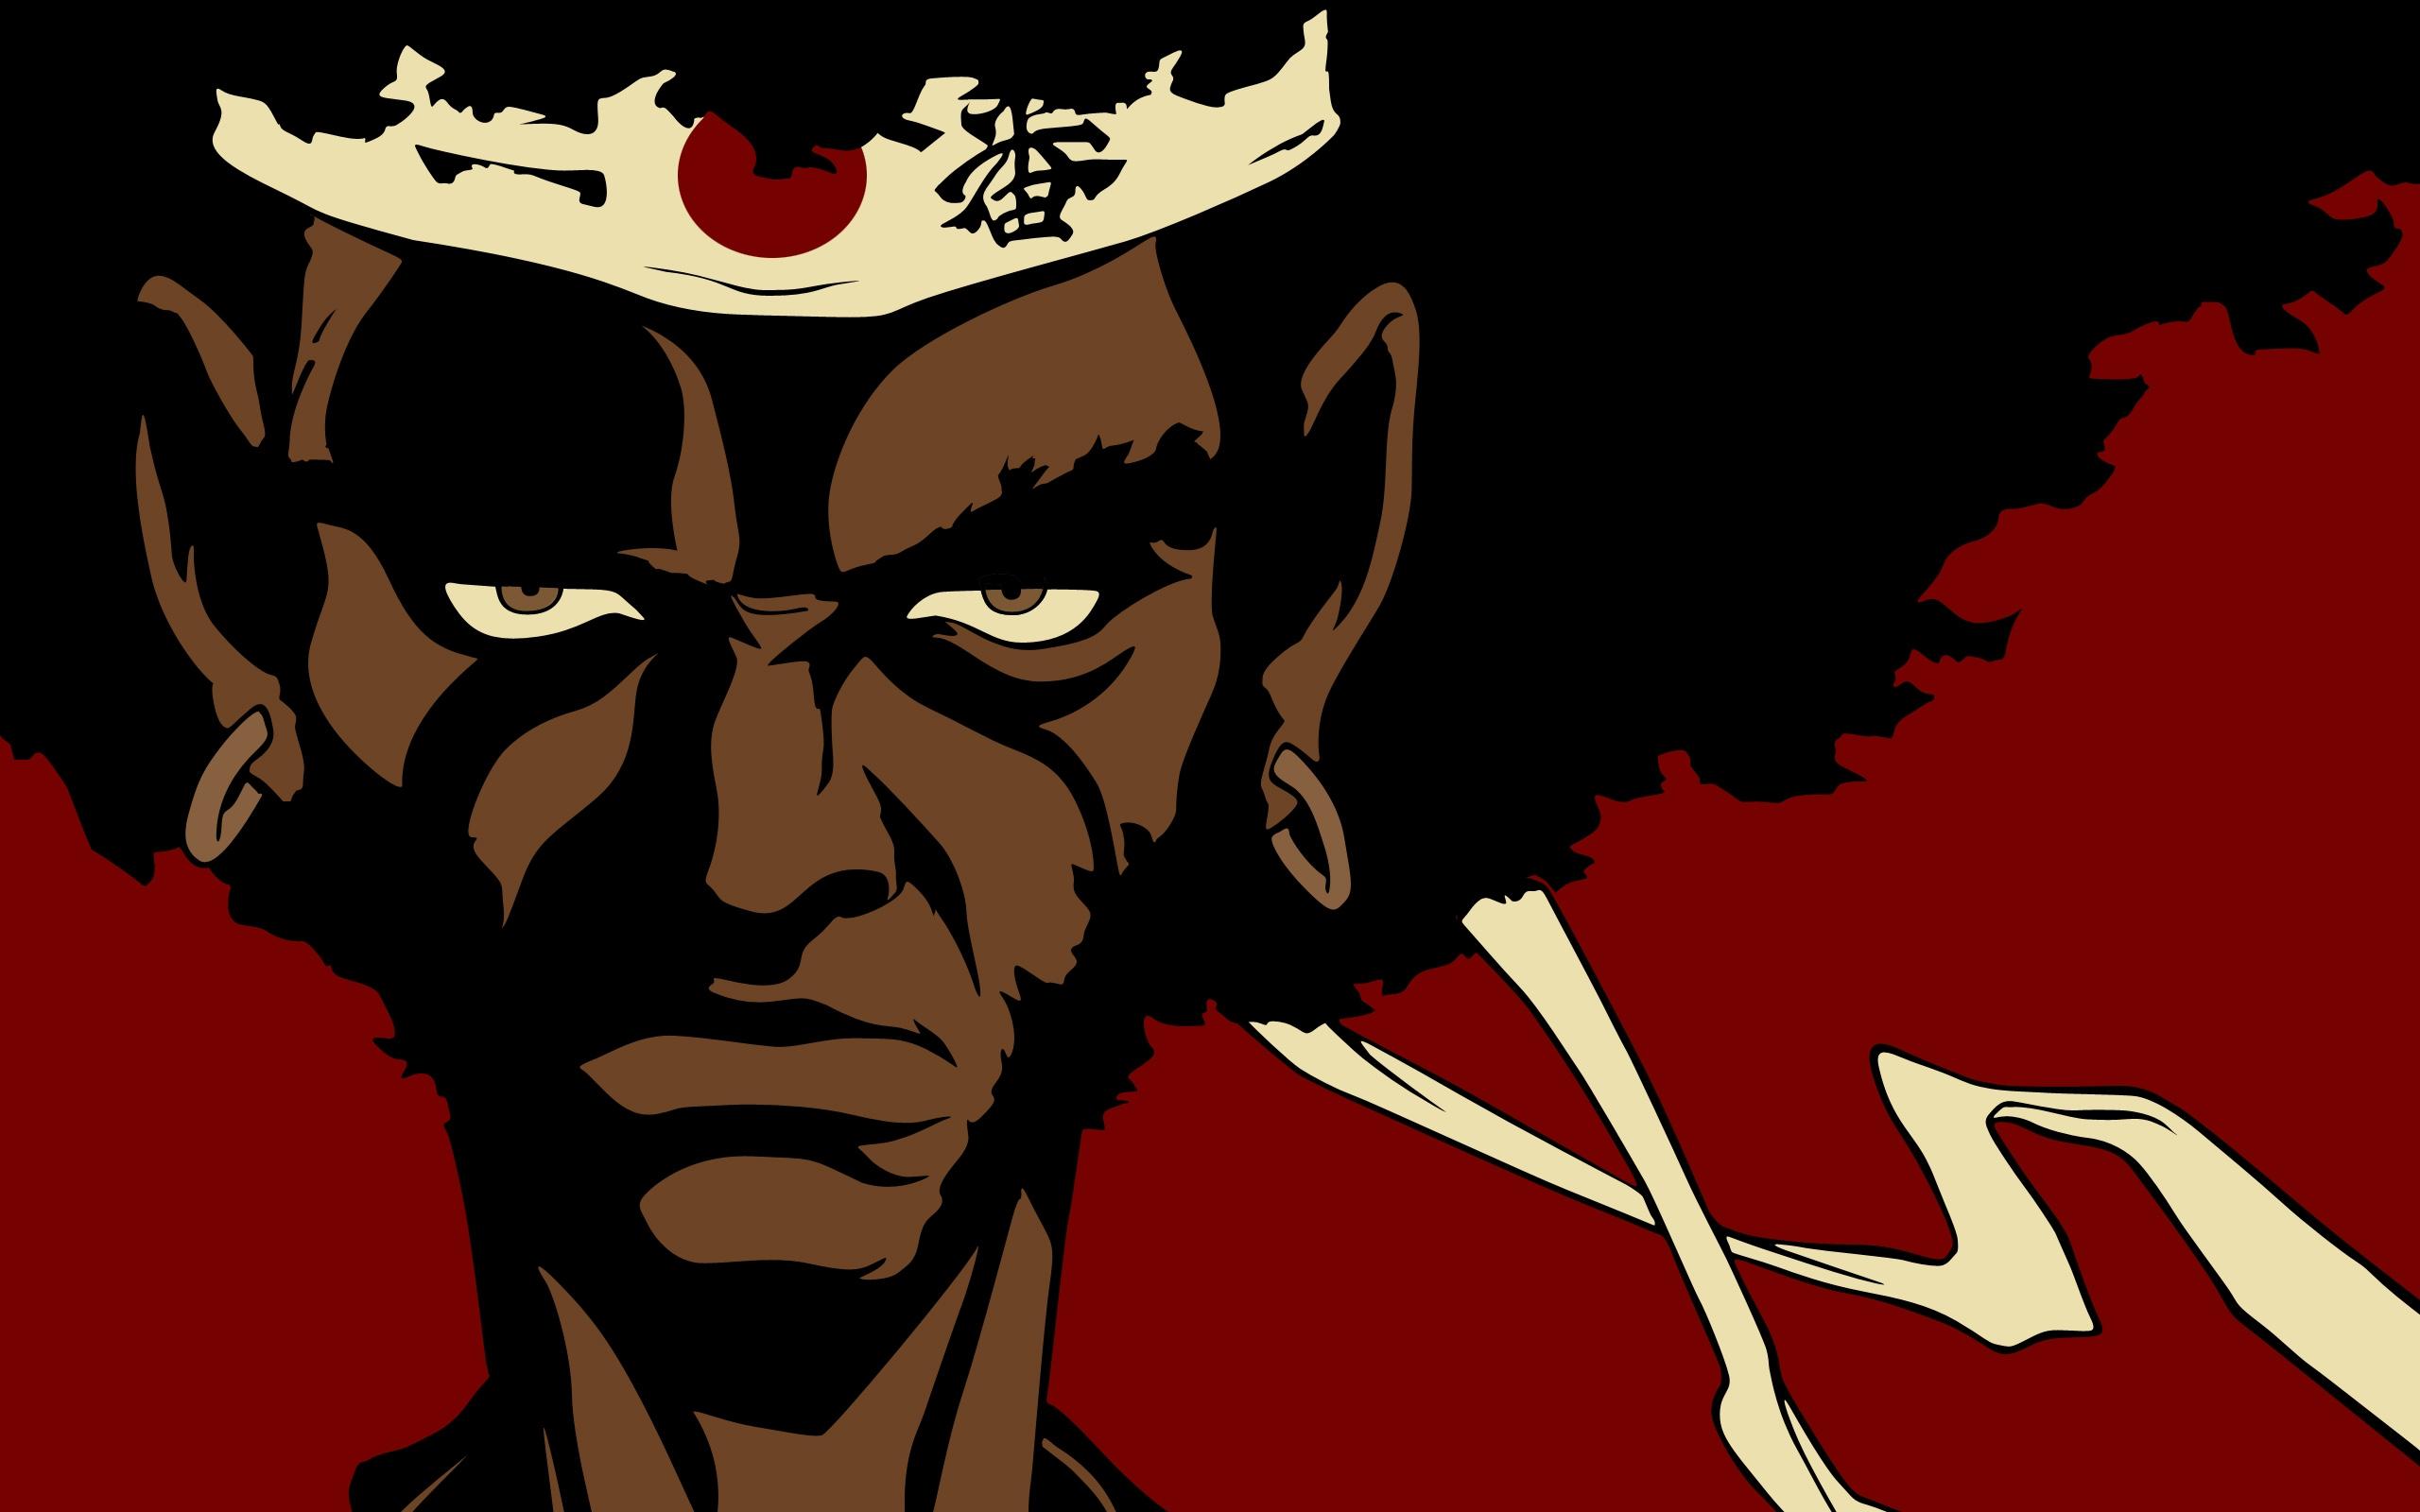 Takashi okazaki disegna la copertina di Il mangaka di Afro Samurai, Takashi Okazaki, ha disegnato la copertina del fumetto Marvel di prossima uscita Licantropus